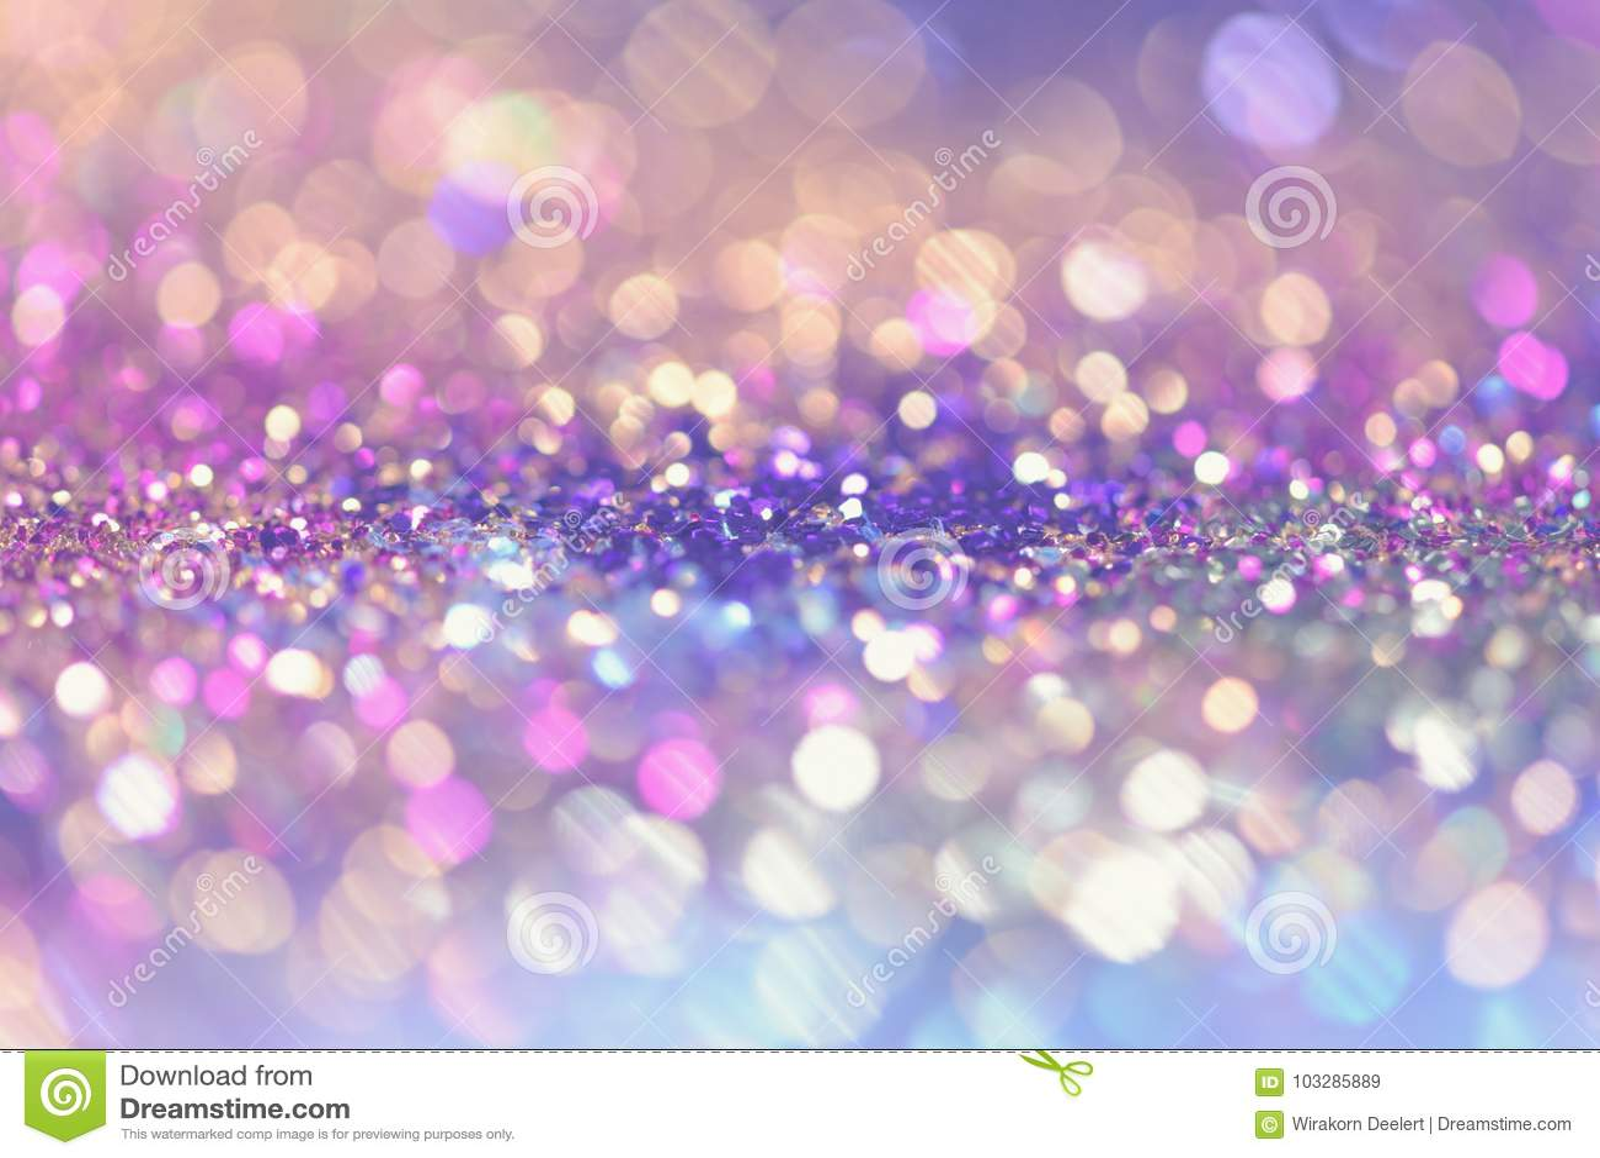 Bokeh Colorfull verwischte abstrakten Hintergrund für Geburtstag, Jahrestag, Hochzeit, Sylvesterabend oder Weihnachten